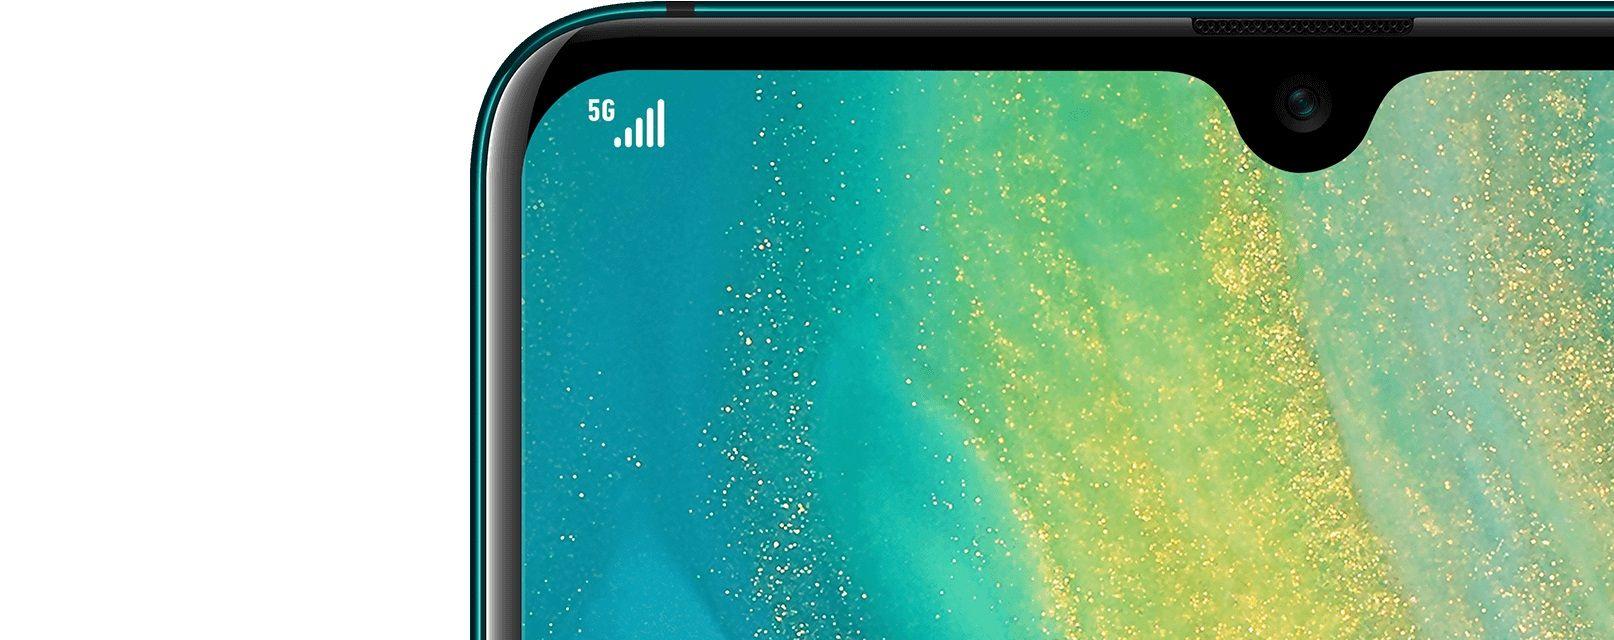 هوآوی در صدر پرفروشترین گوشیهای هوشمند 5G